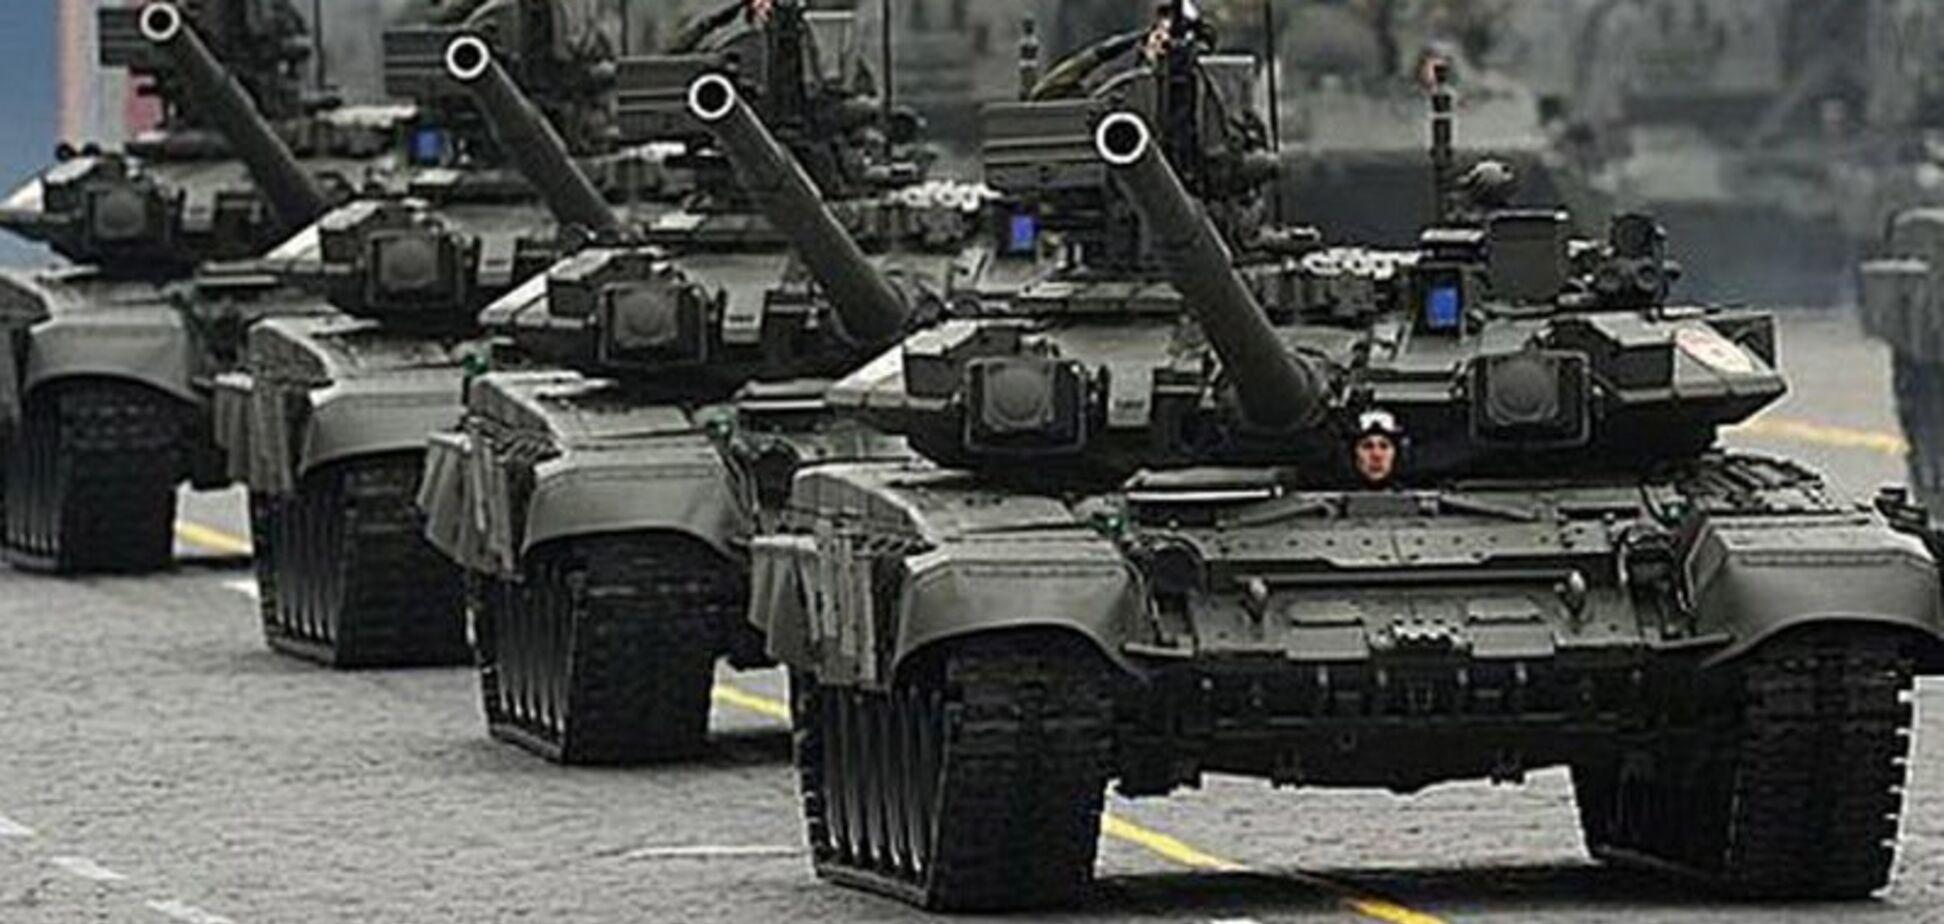 Оружие СССР времен 'холодной войны', которое держали в тайне: что о нем известно